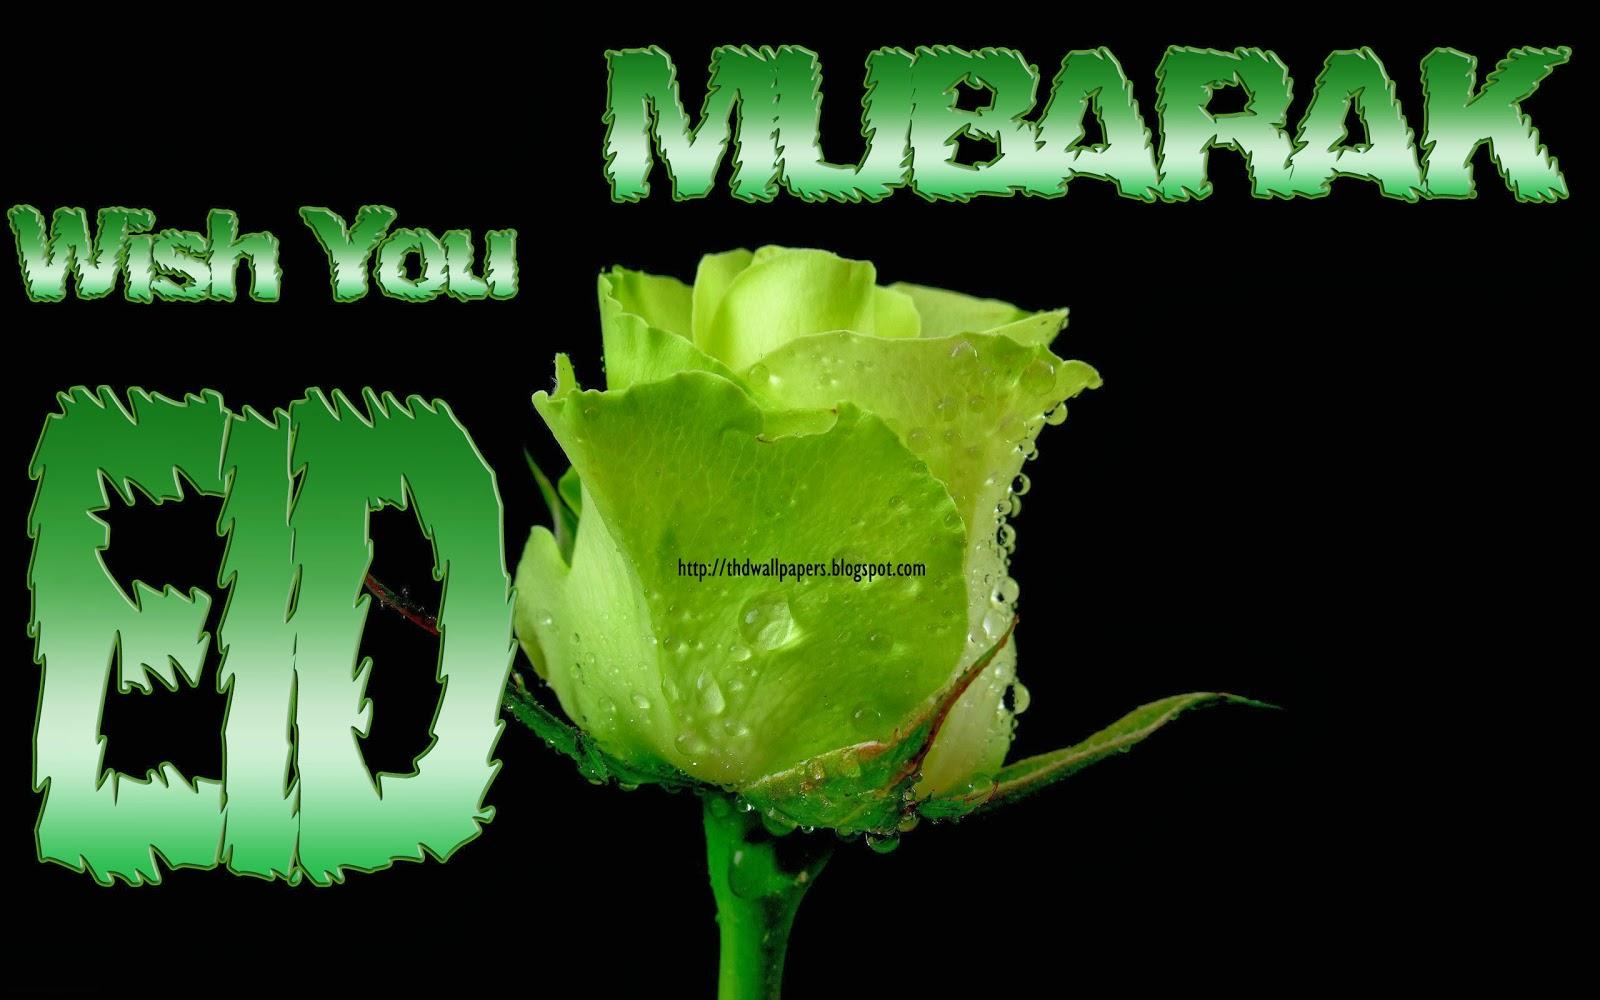 eid ul adha Eid-al-adha is on october 15th,2018 eid-al-adha is an muslim holidays, eid-al-adha time and date, eid-al-adha falls on tuesday in 2018.